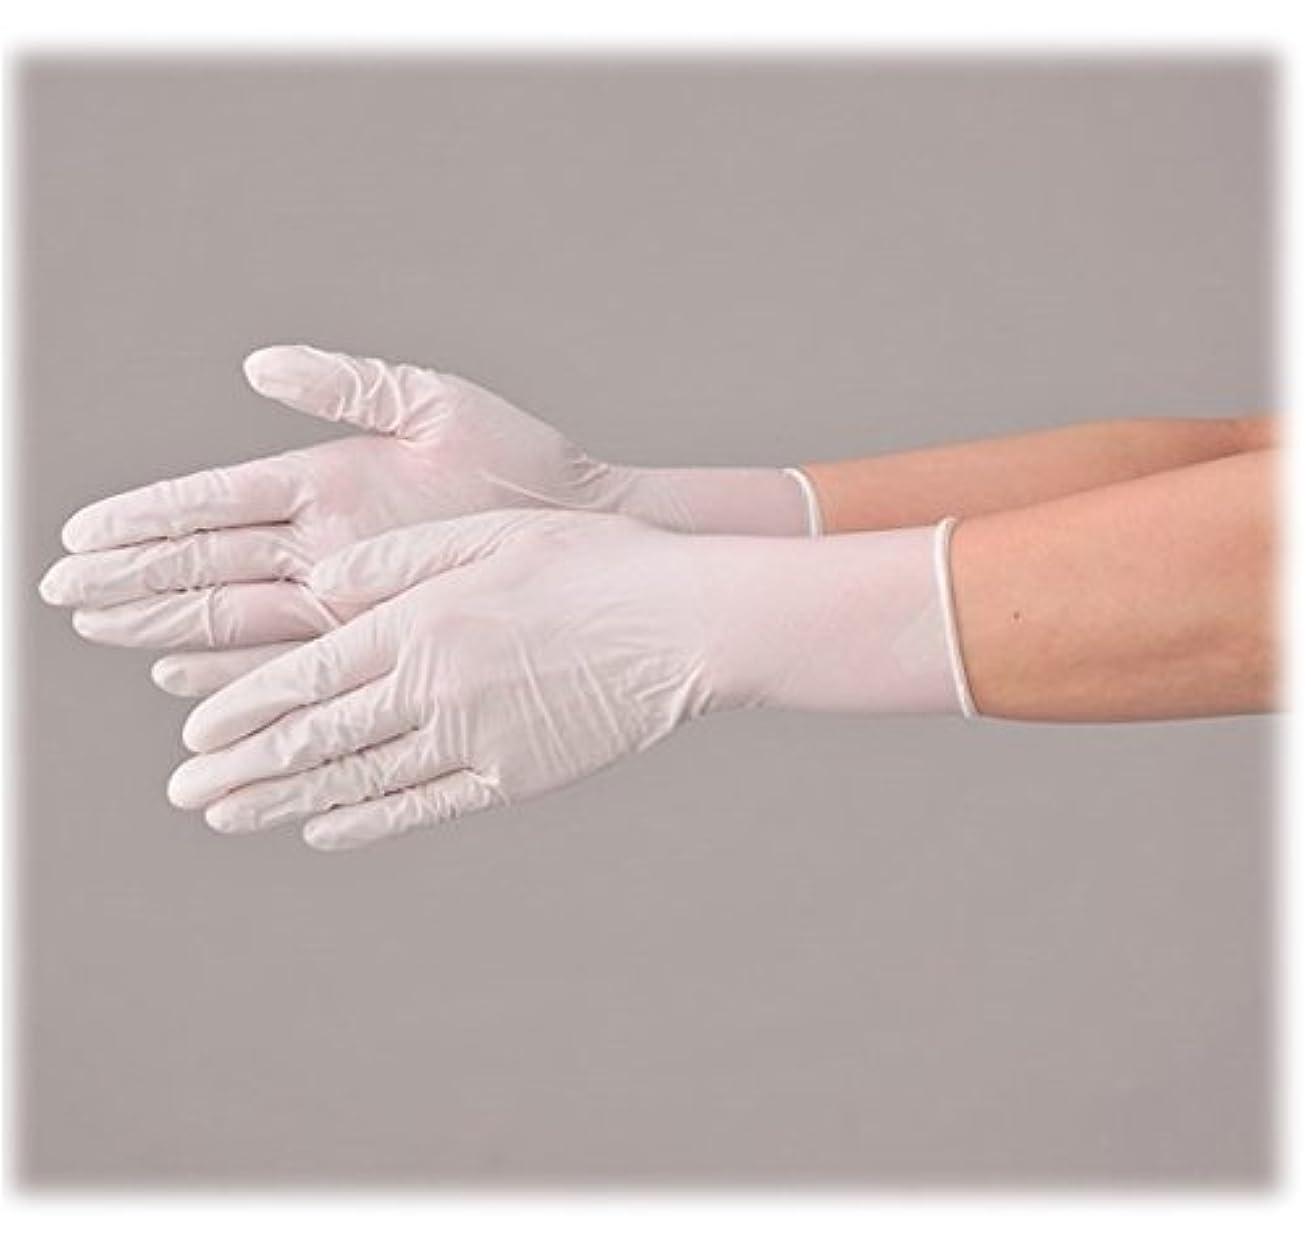 散らすインシュレータふさわしい使い捨て 手袋 エブノ 525 ディスポニトリル パウダーフリー ホワイトSサイズ 2ケース(100枚×40箱)